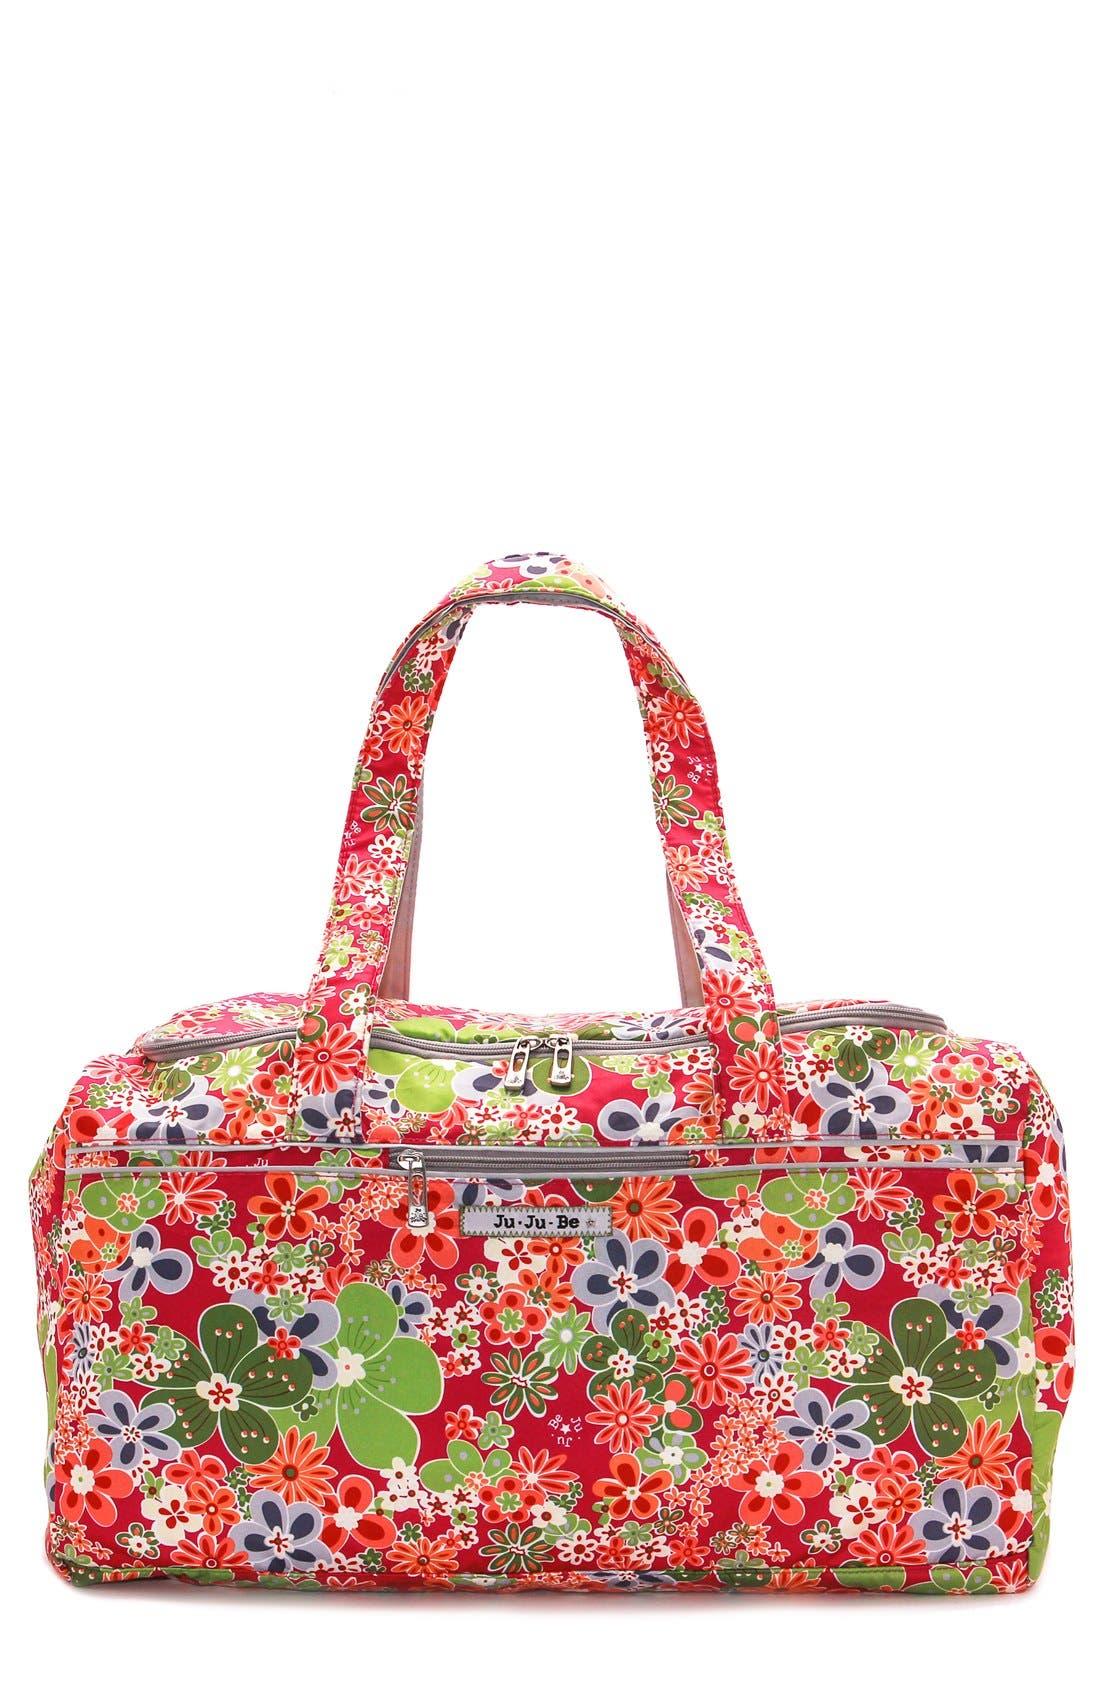 Alternate Image 1 Selected - Ju-Ju-Be 'Starlet' Travel Diaper Bag